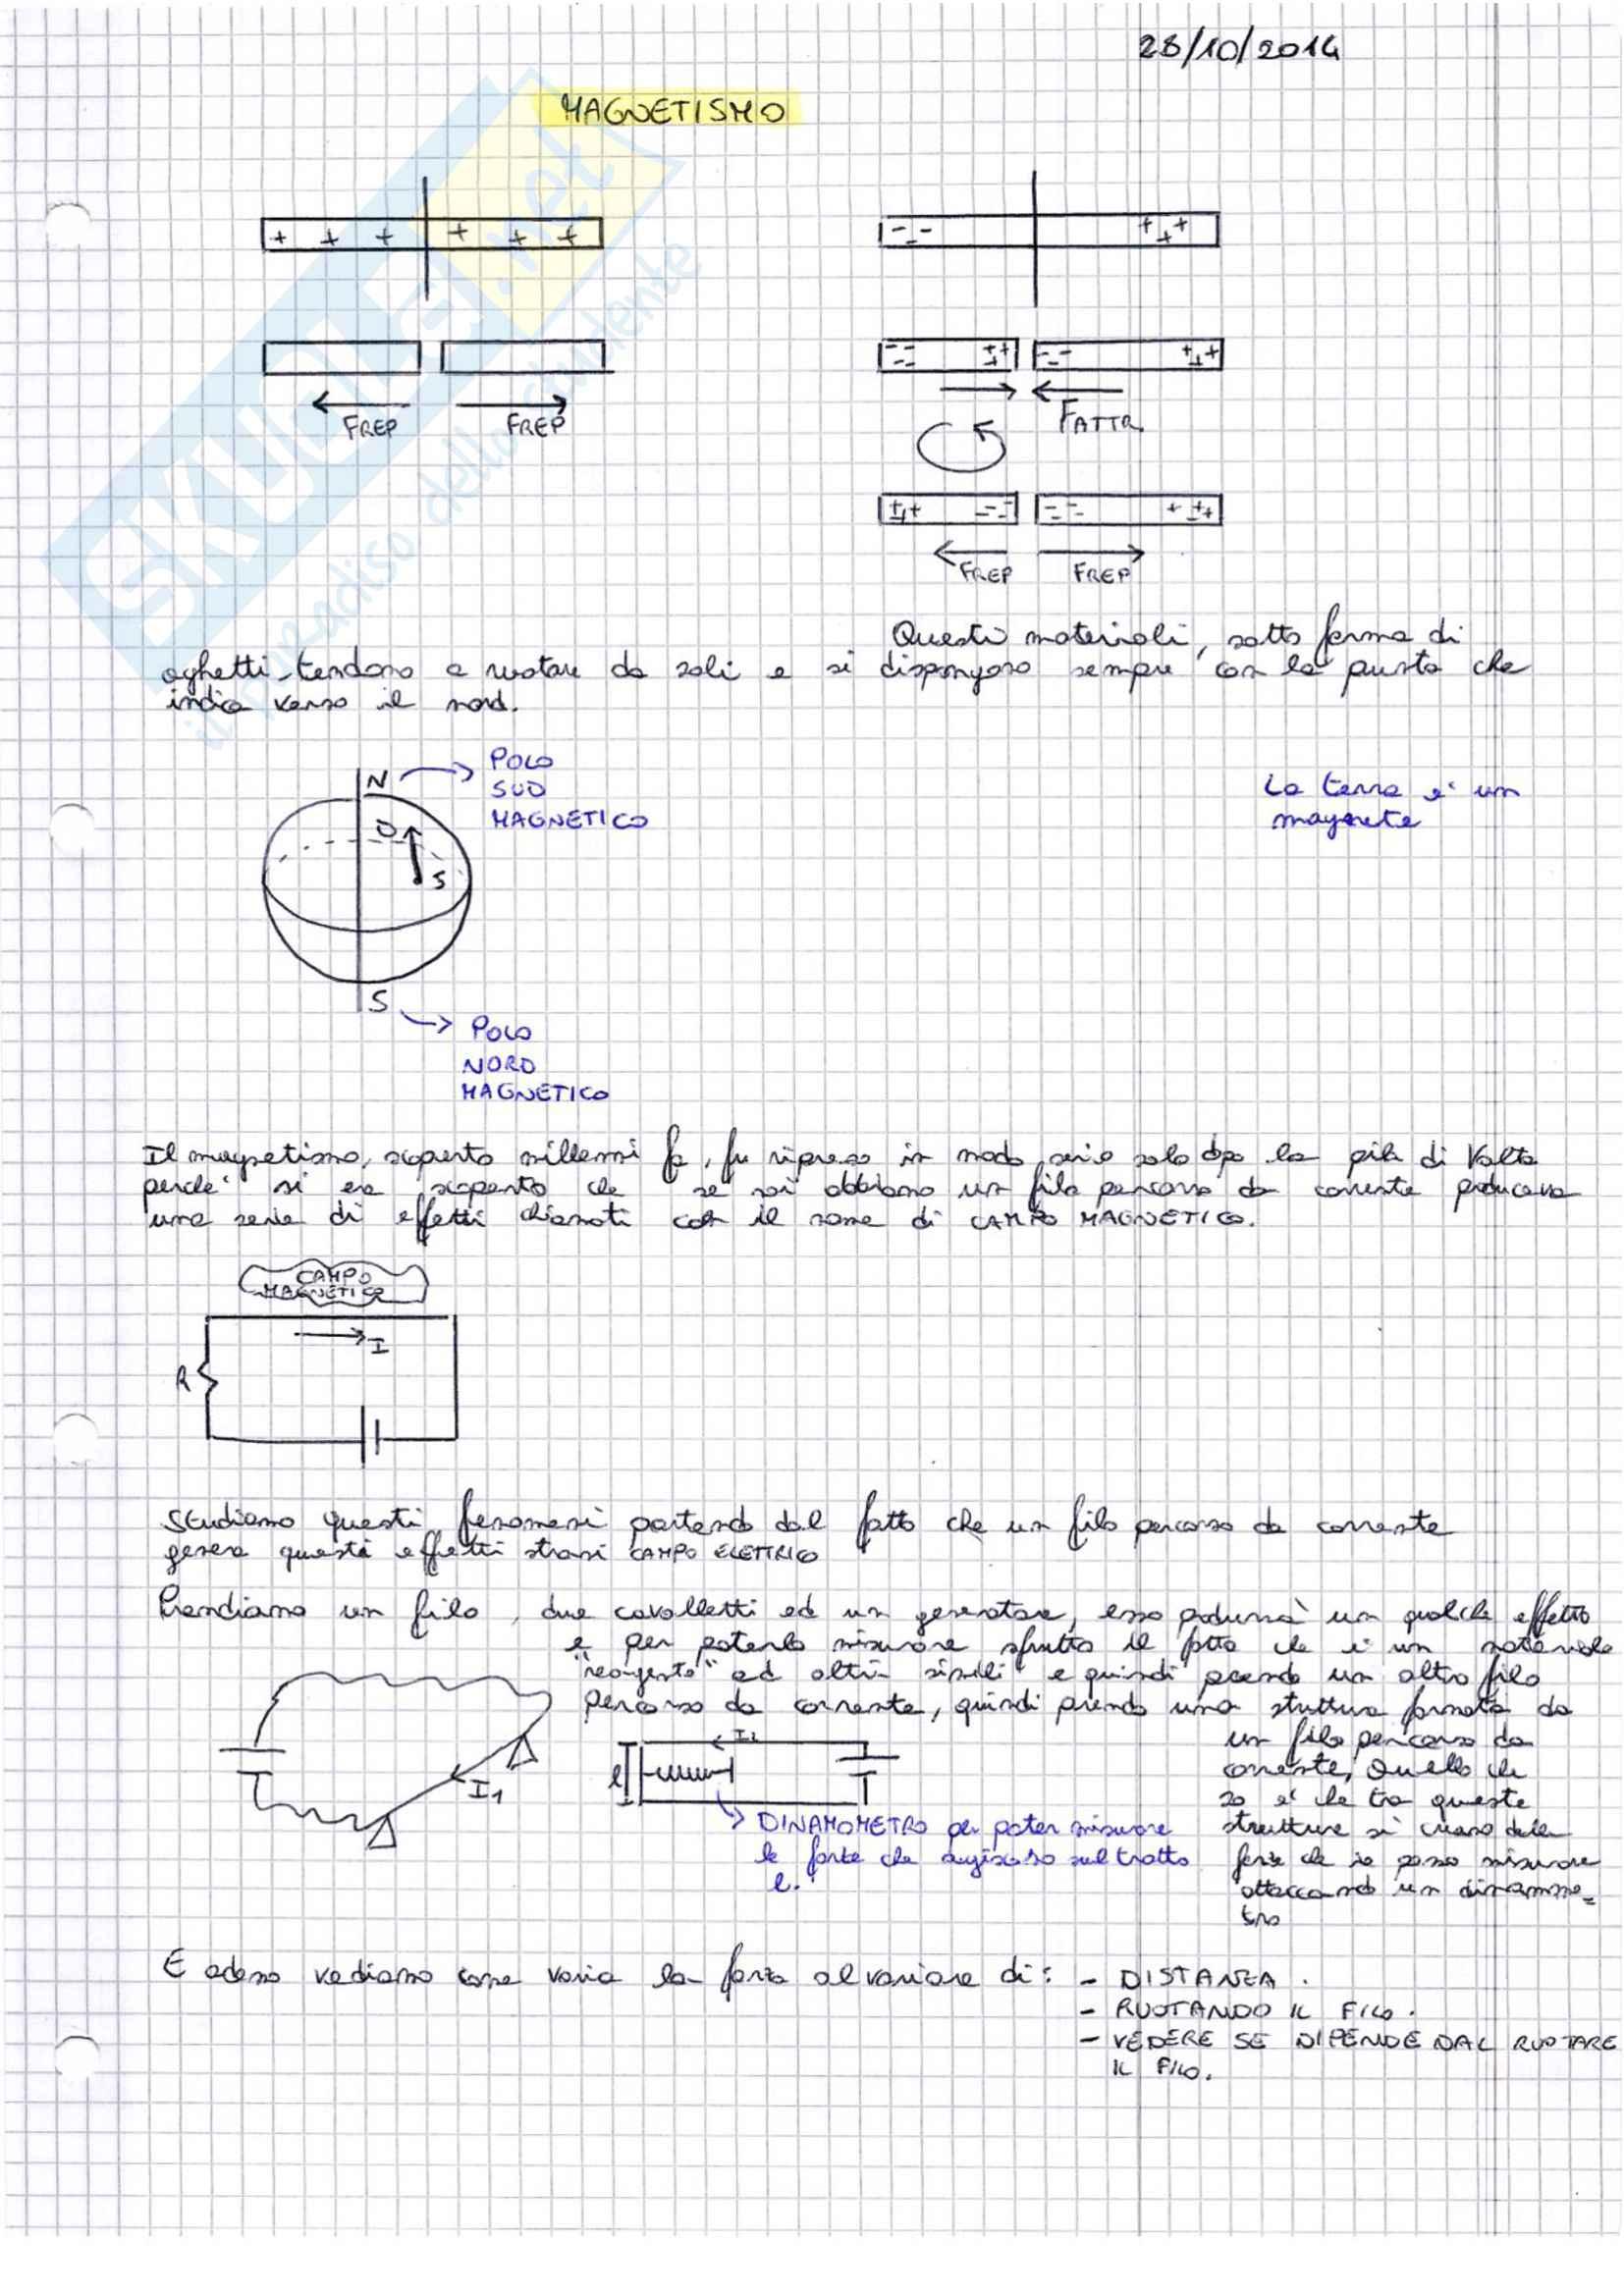 Magnetismo - fisica 2, appunti tratti dal corso prof. Minzioni, unipv Bioingegneria